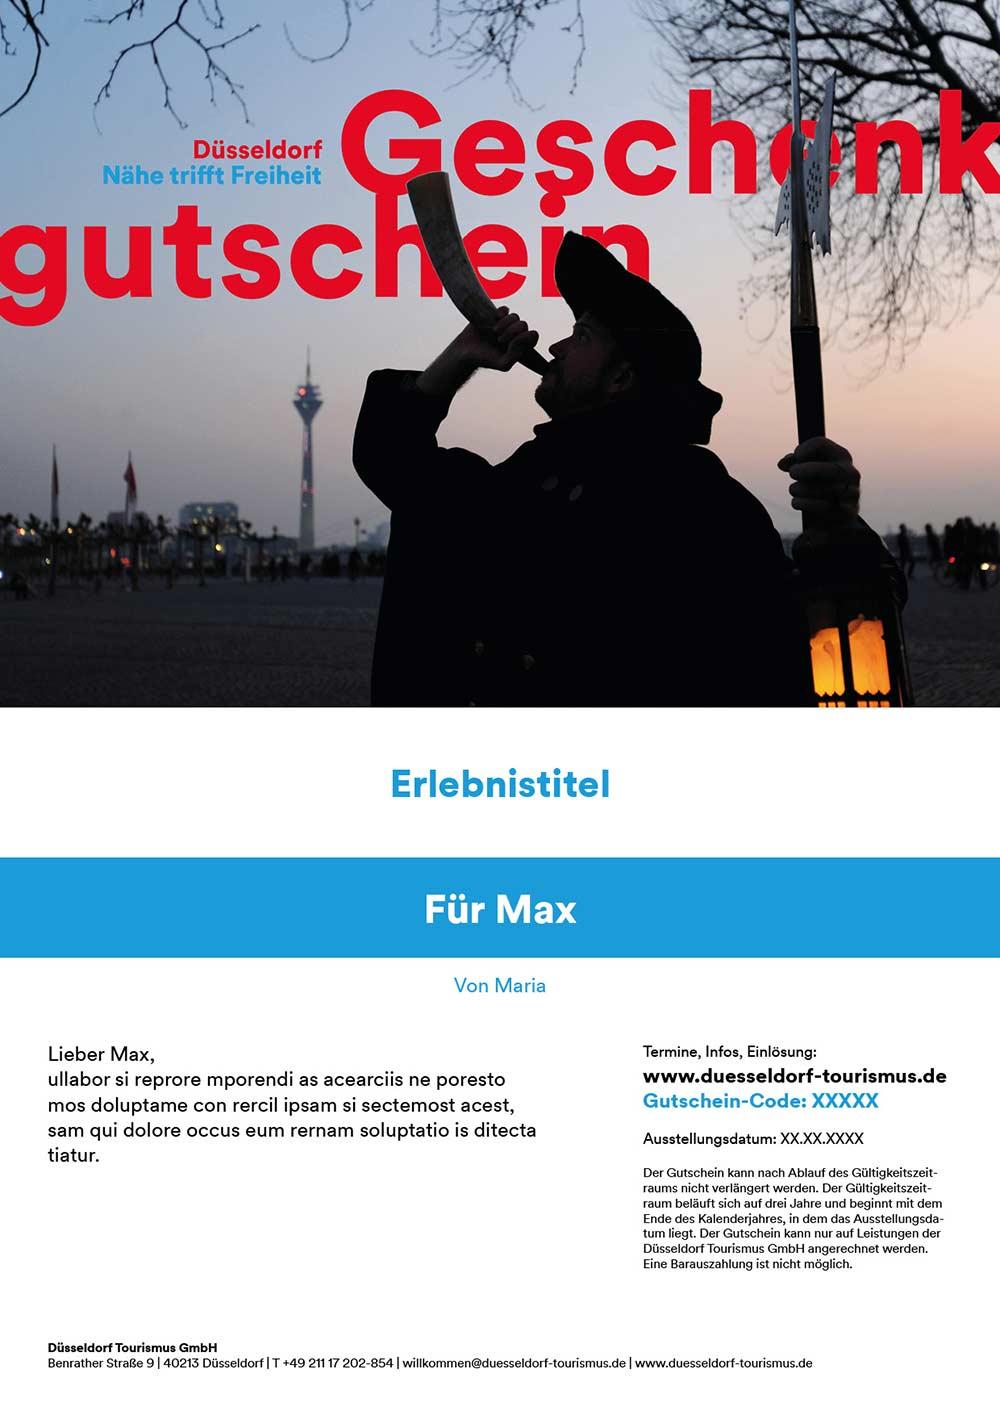 duesseldorf_geschenk-4: Allgemein